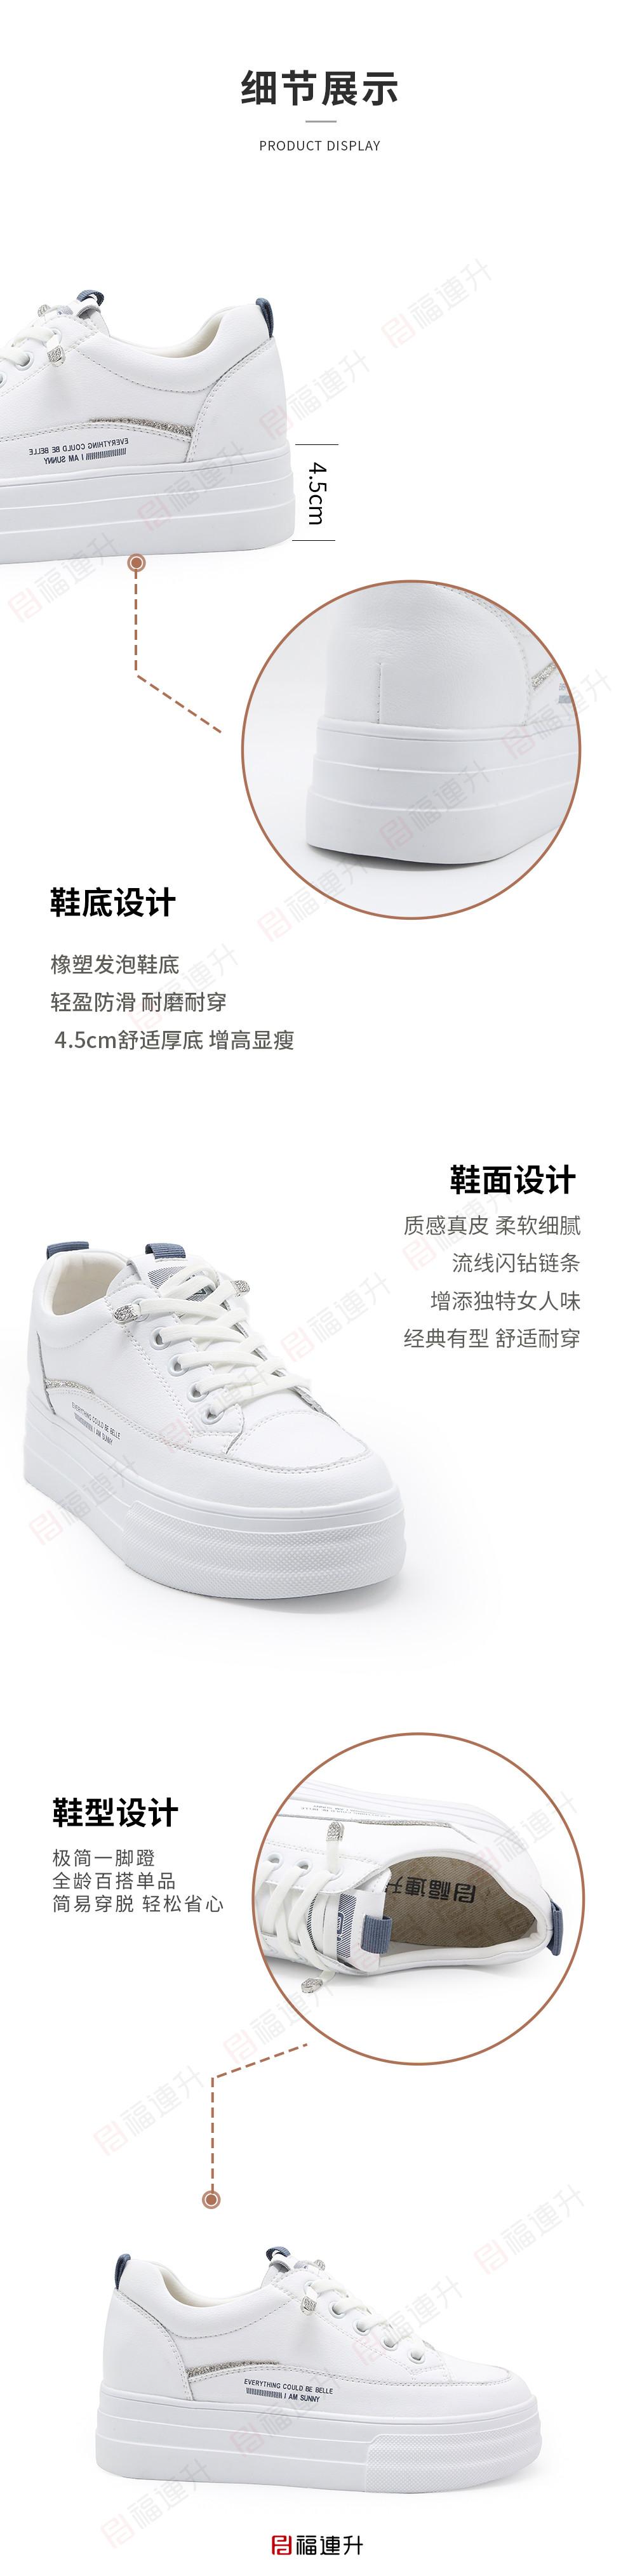 福连升2021秋季新款松糕厚底小白鞋增高休闲百搭板鞋图片